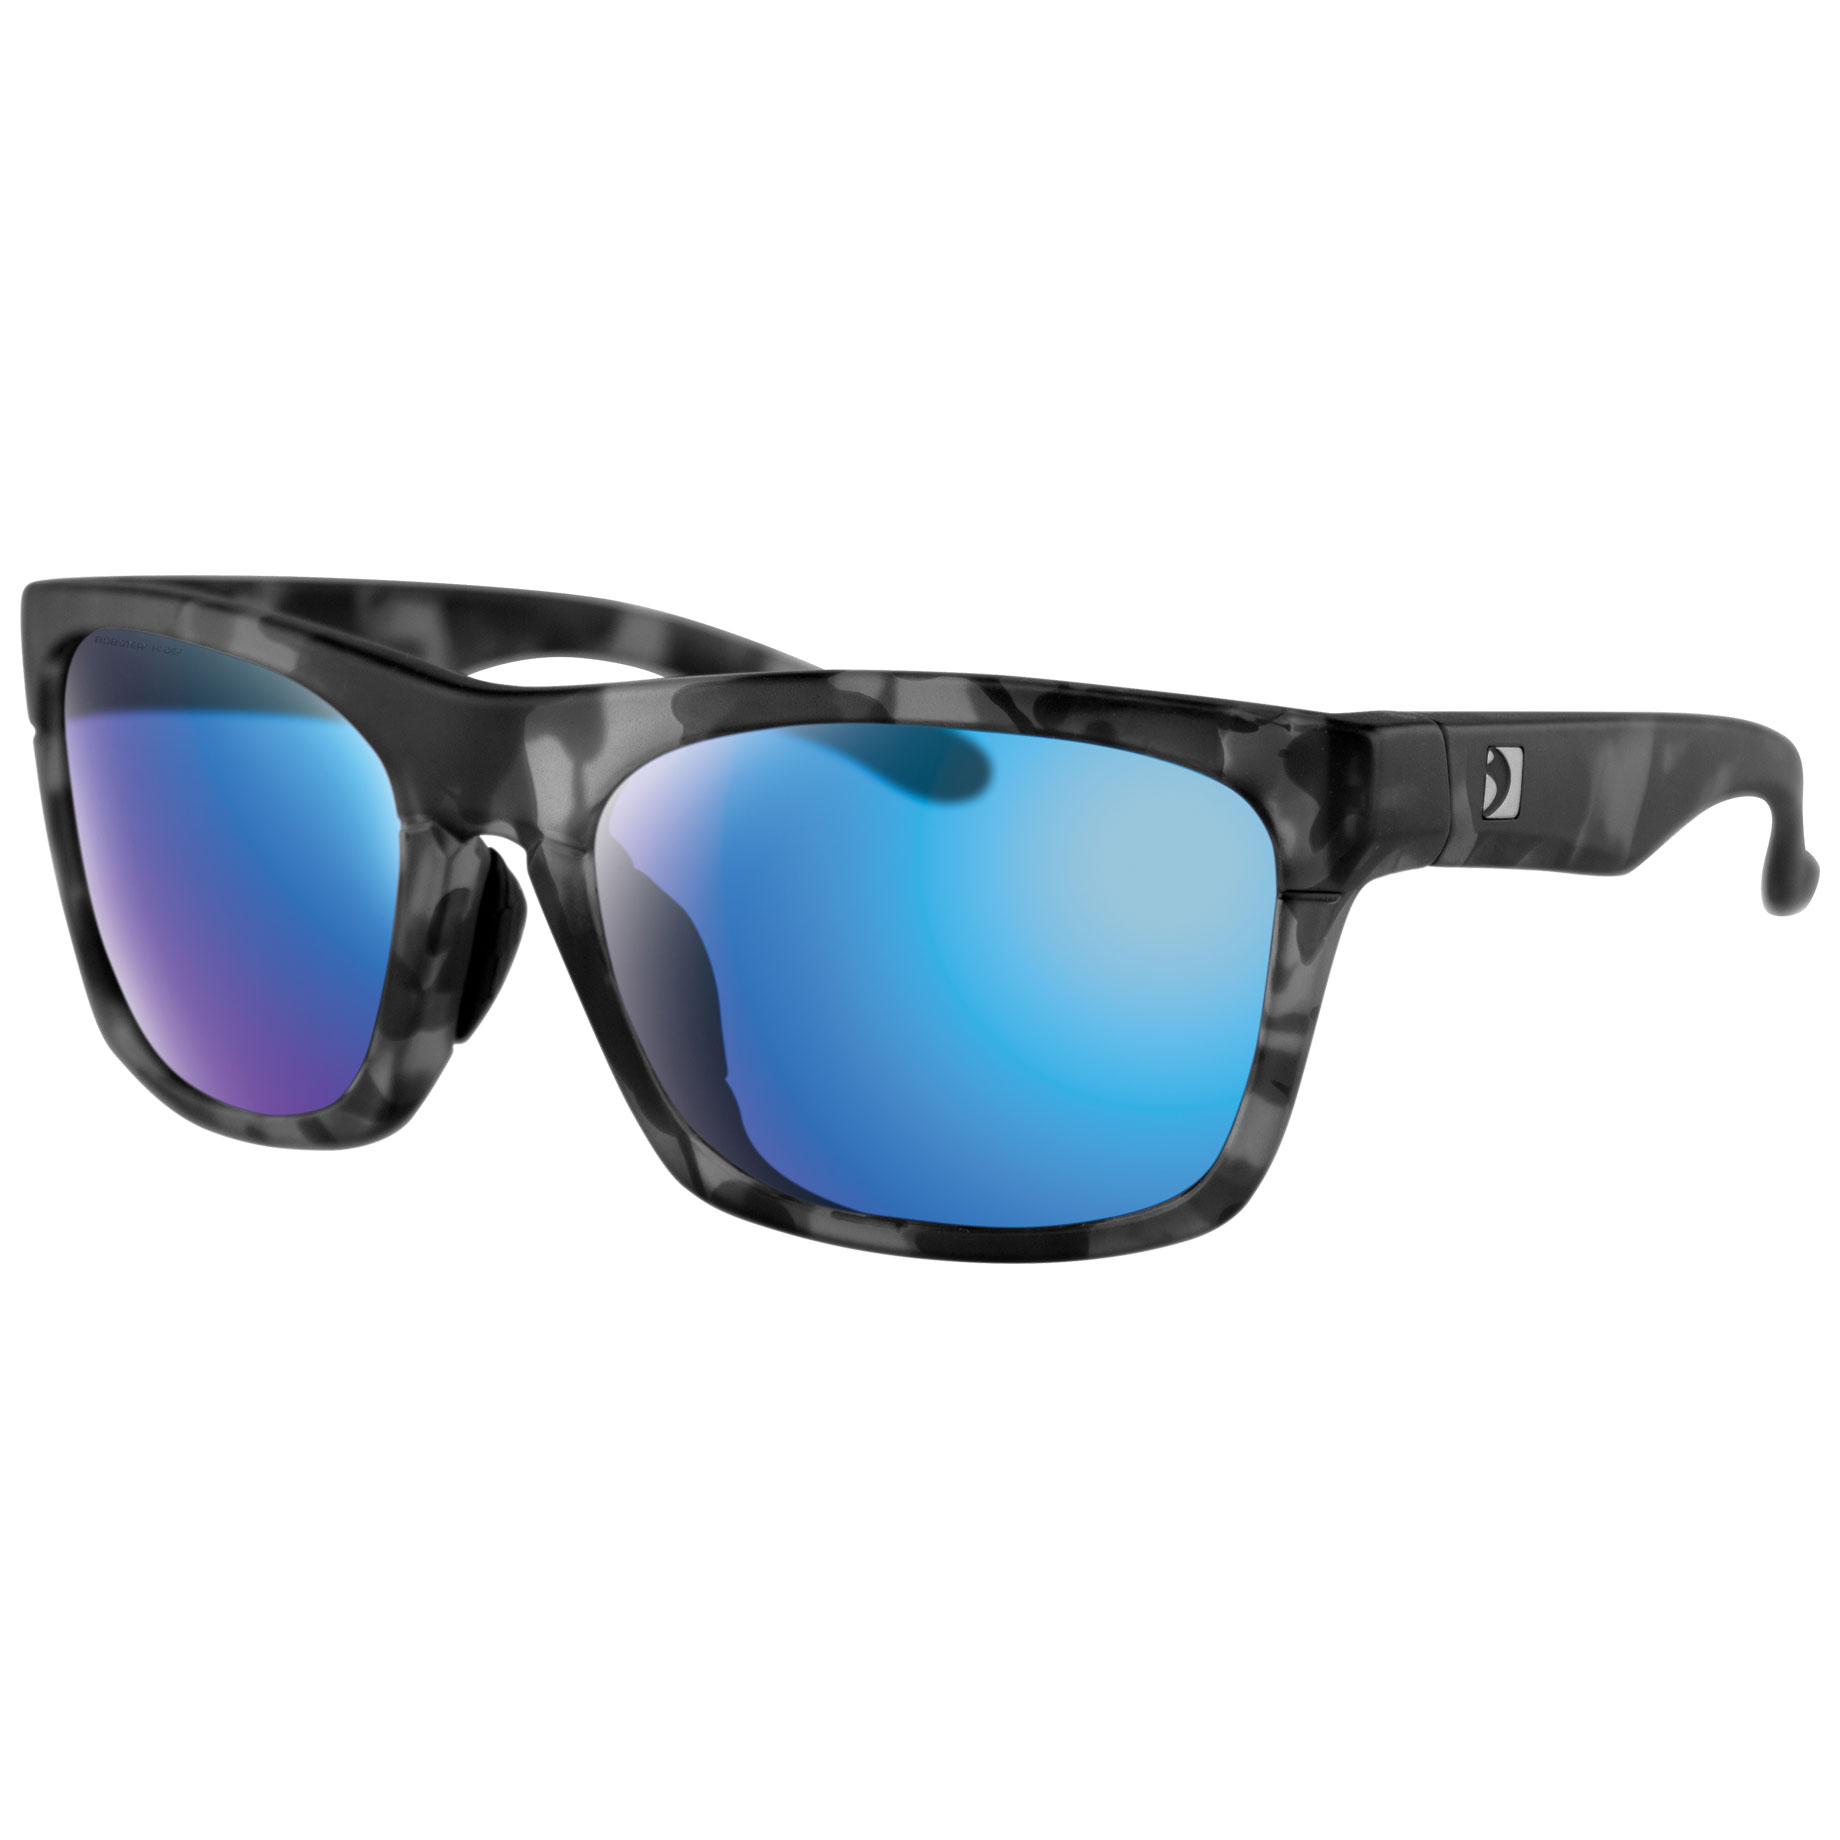 Bobster Route Gray Tortoise Sunglasses